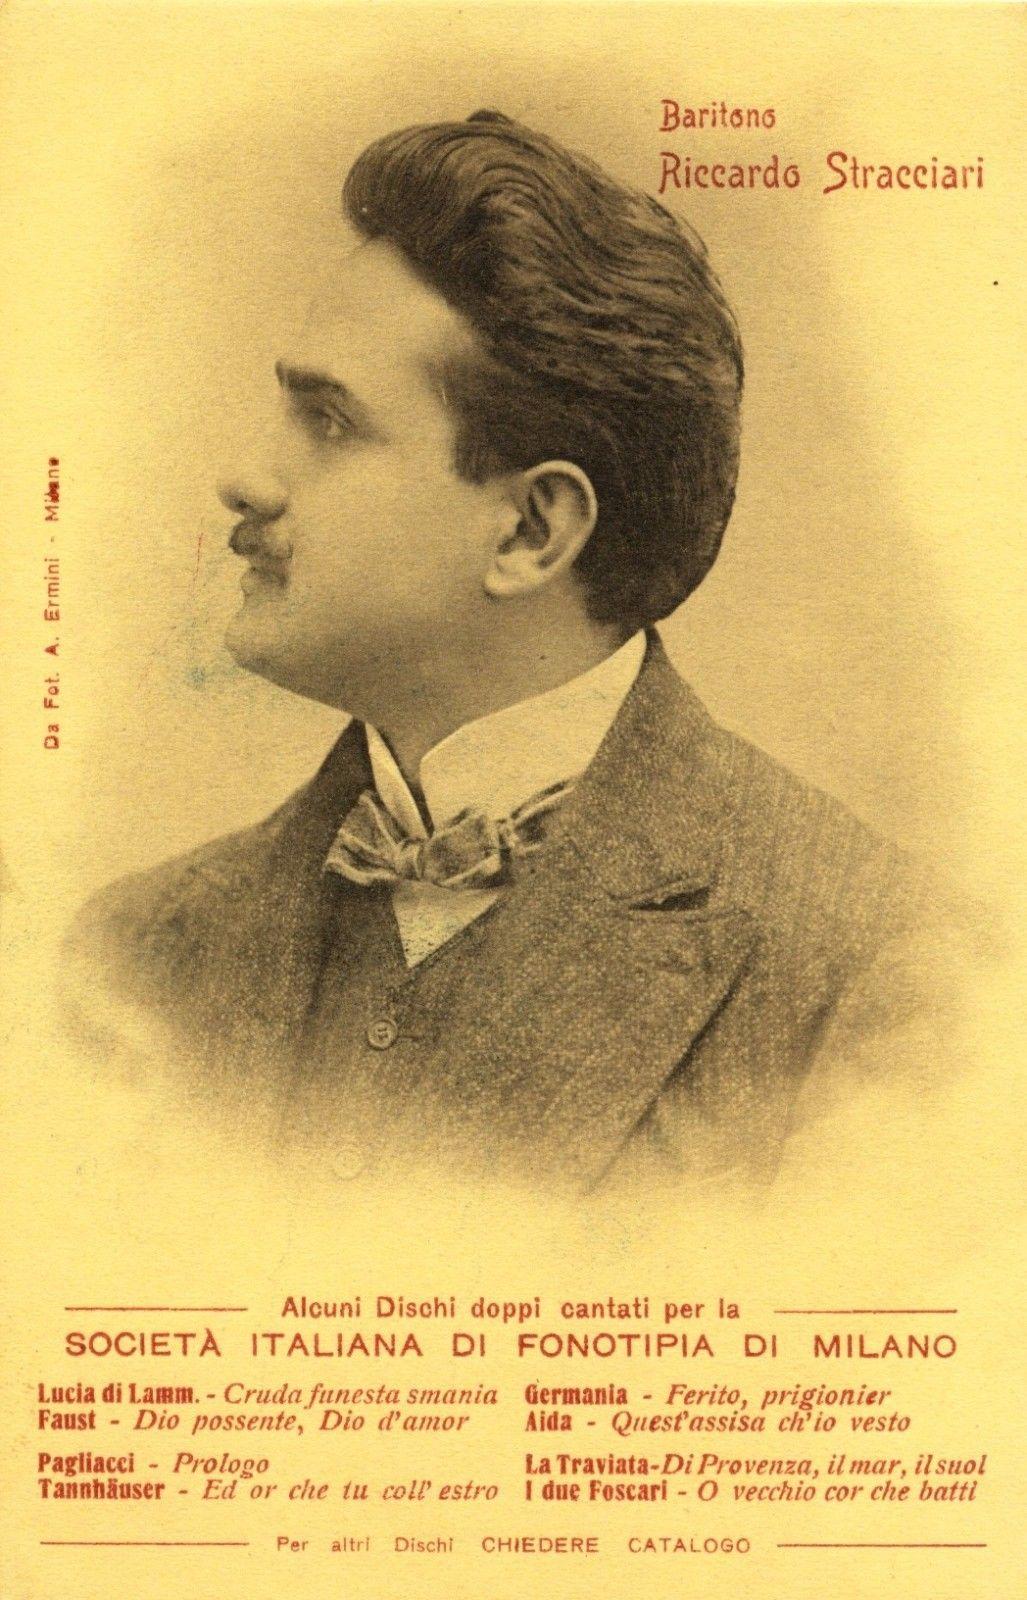 ITALIAN BARITONE RICCARDO STRACCIARI (1875-1955) FONOTIPIA RECORDS CD